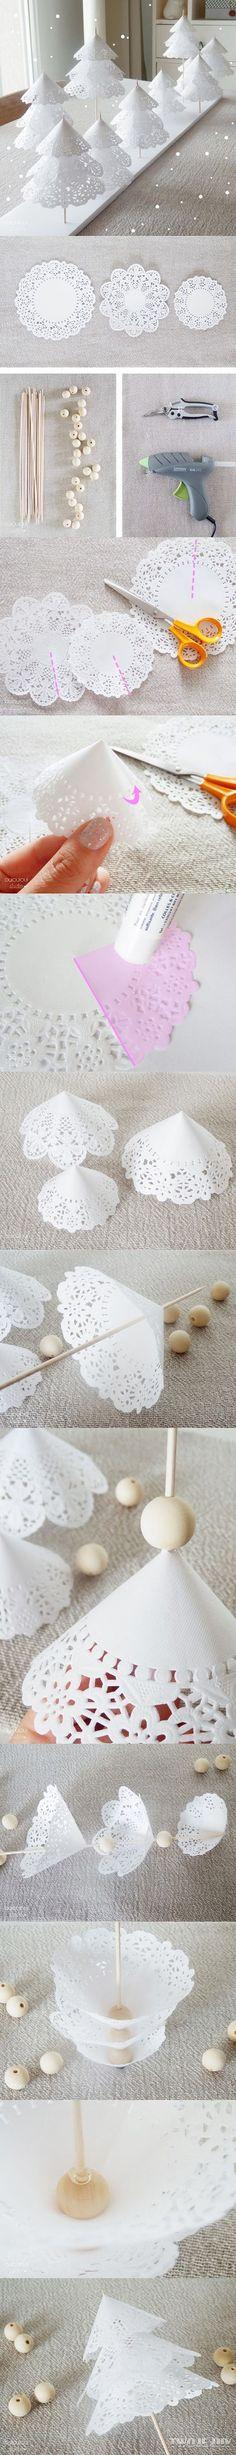 Mini-sapins de Noël DIY avec des napperons de papier http://www.homelisty.com/deco-noel-pas-cher/